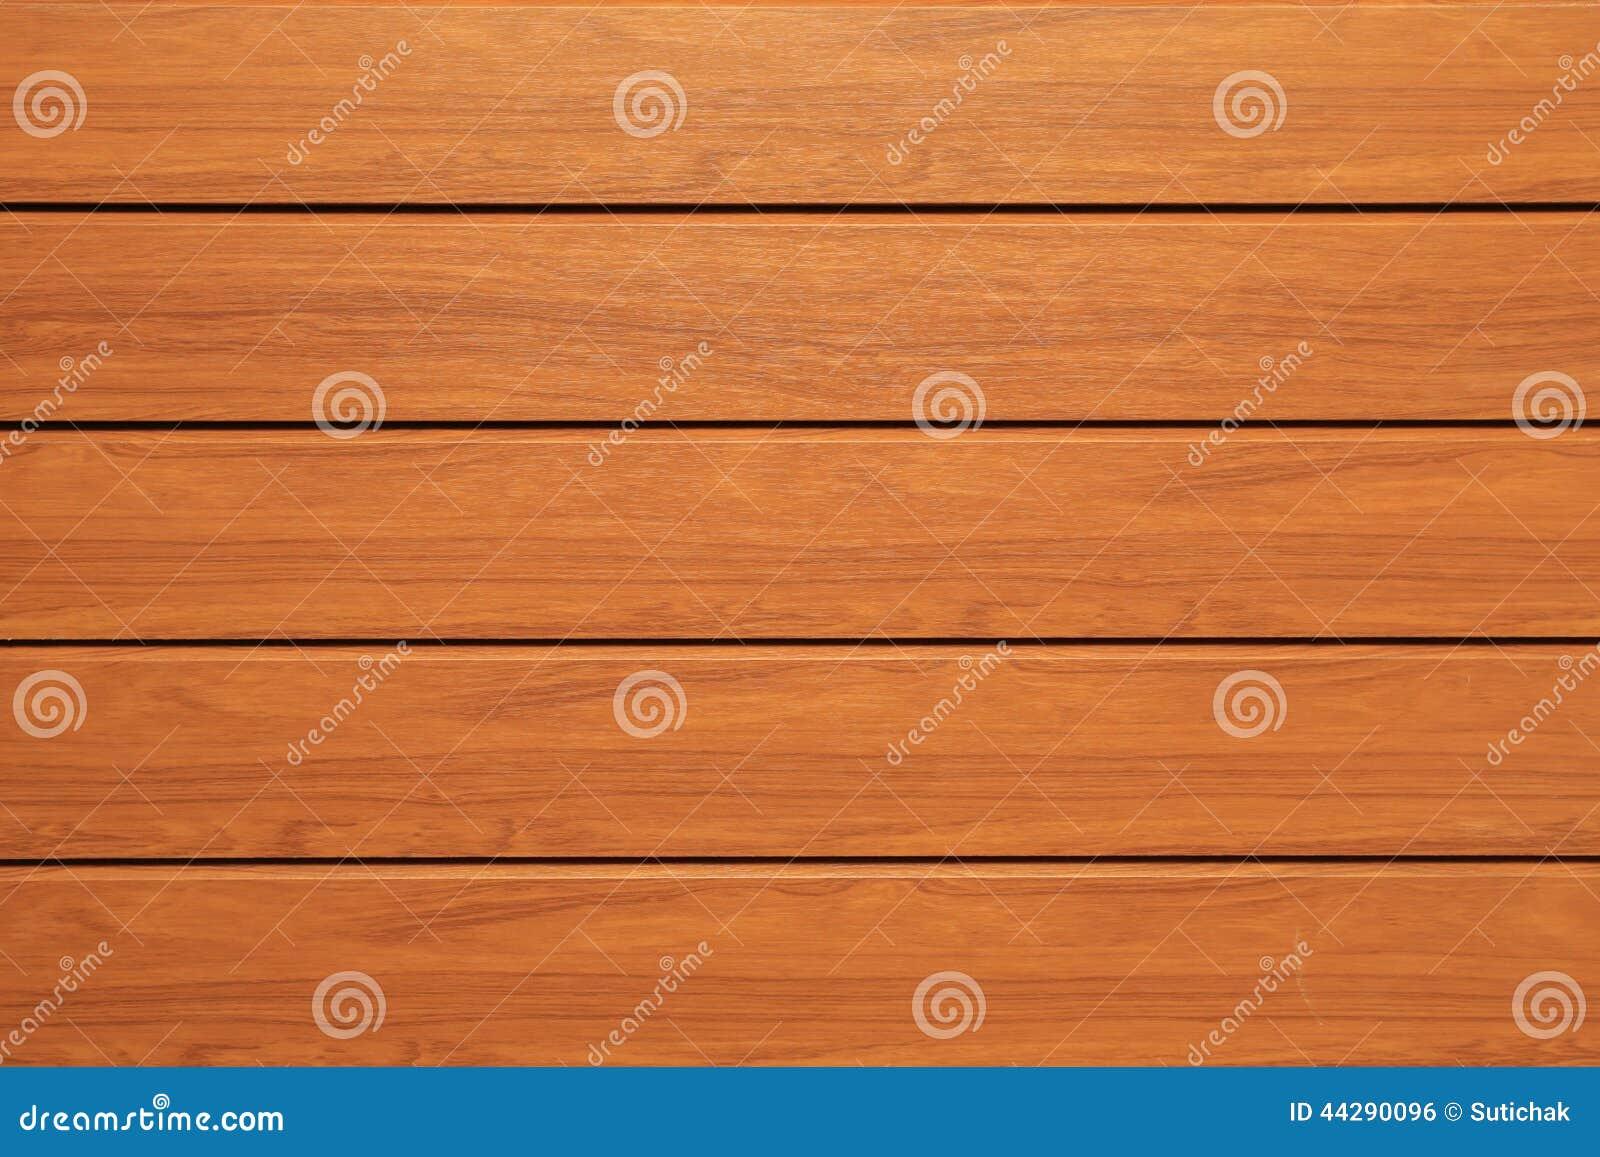 木甲板纹理背景